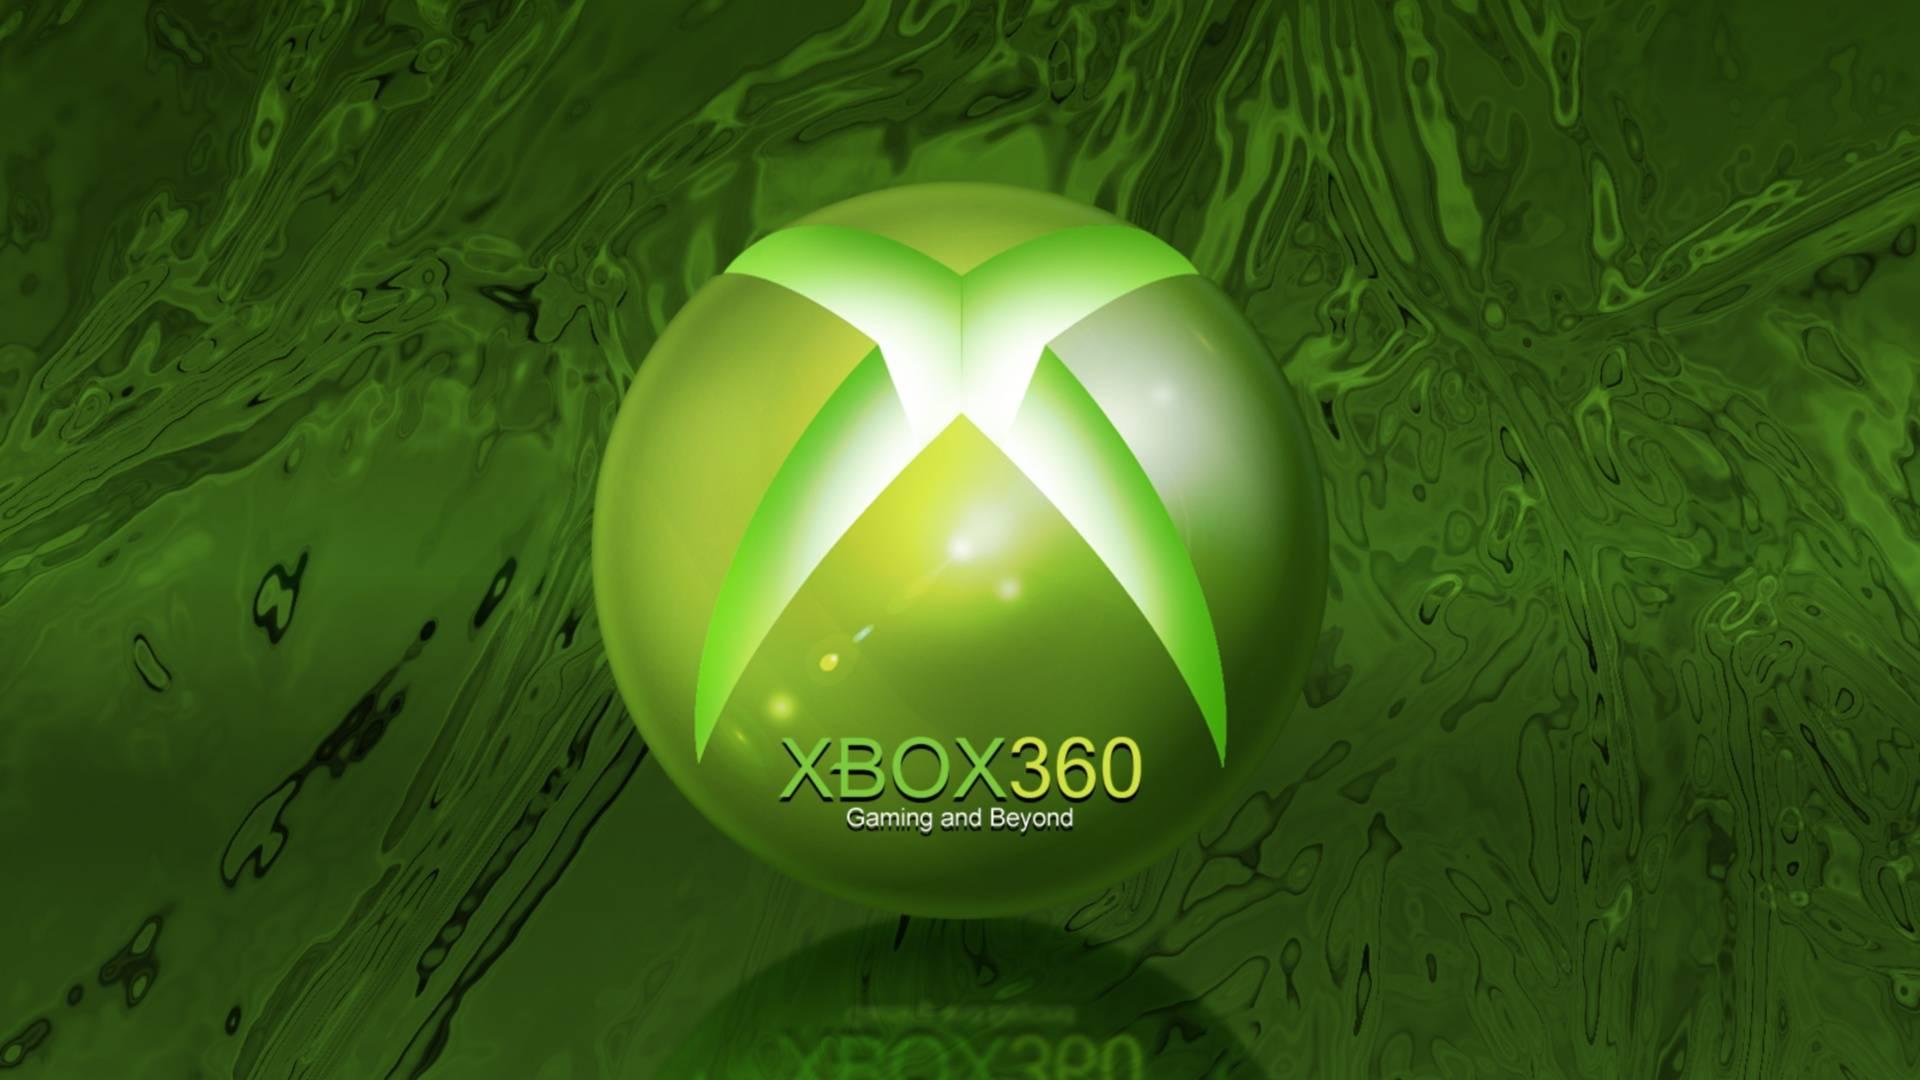 XBOX 360   Xbox Live Picture 1920x1080